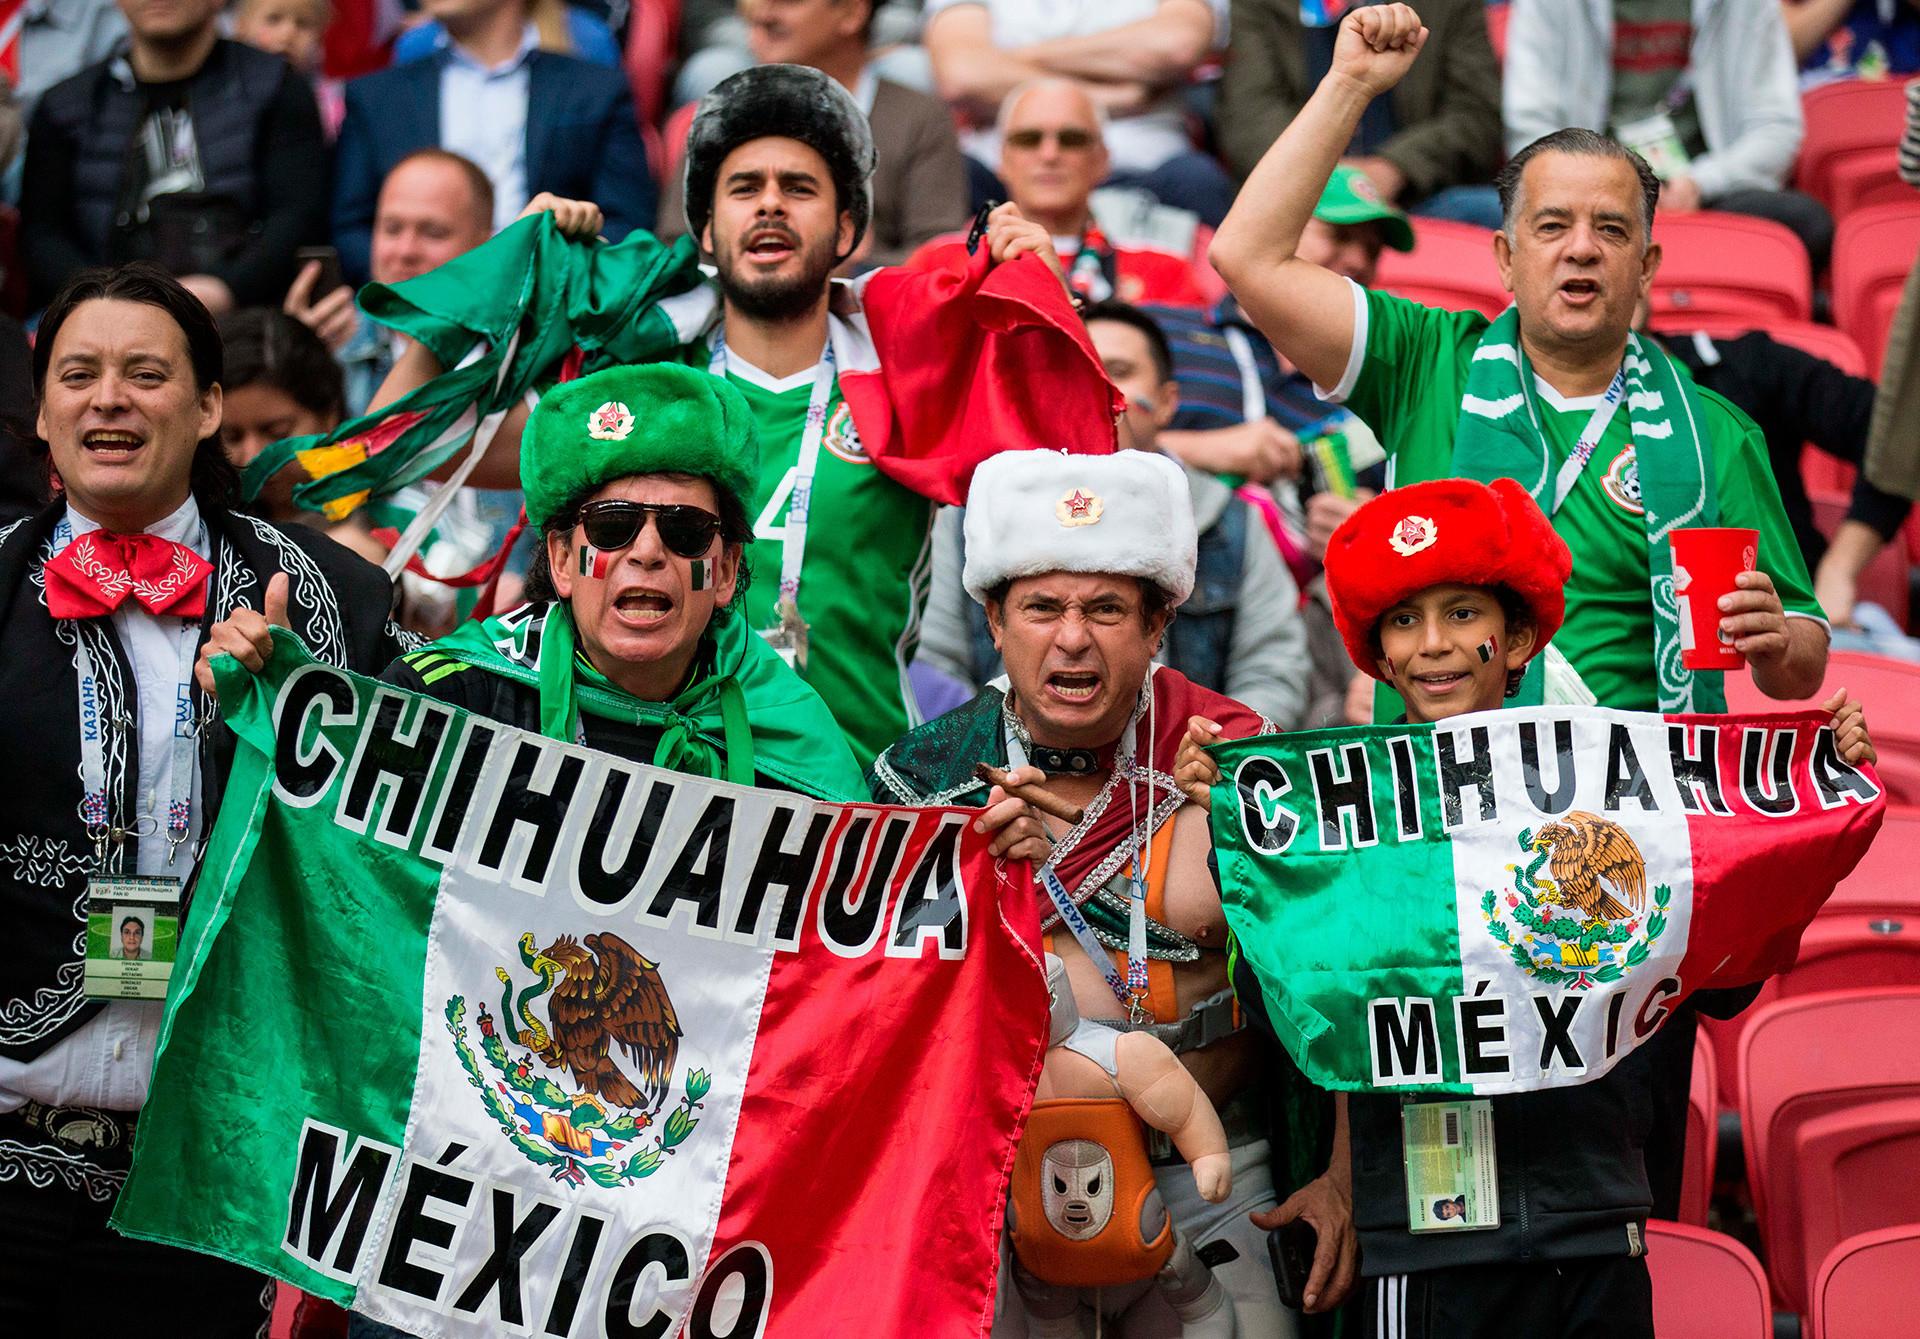 Penggemar bersorak saat pertandingan Grup A antara Rusia dan Meksiko di Piala Konfederasi 2017 di Kazan.